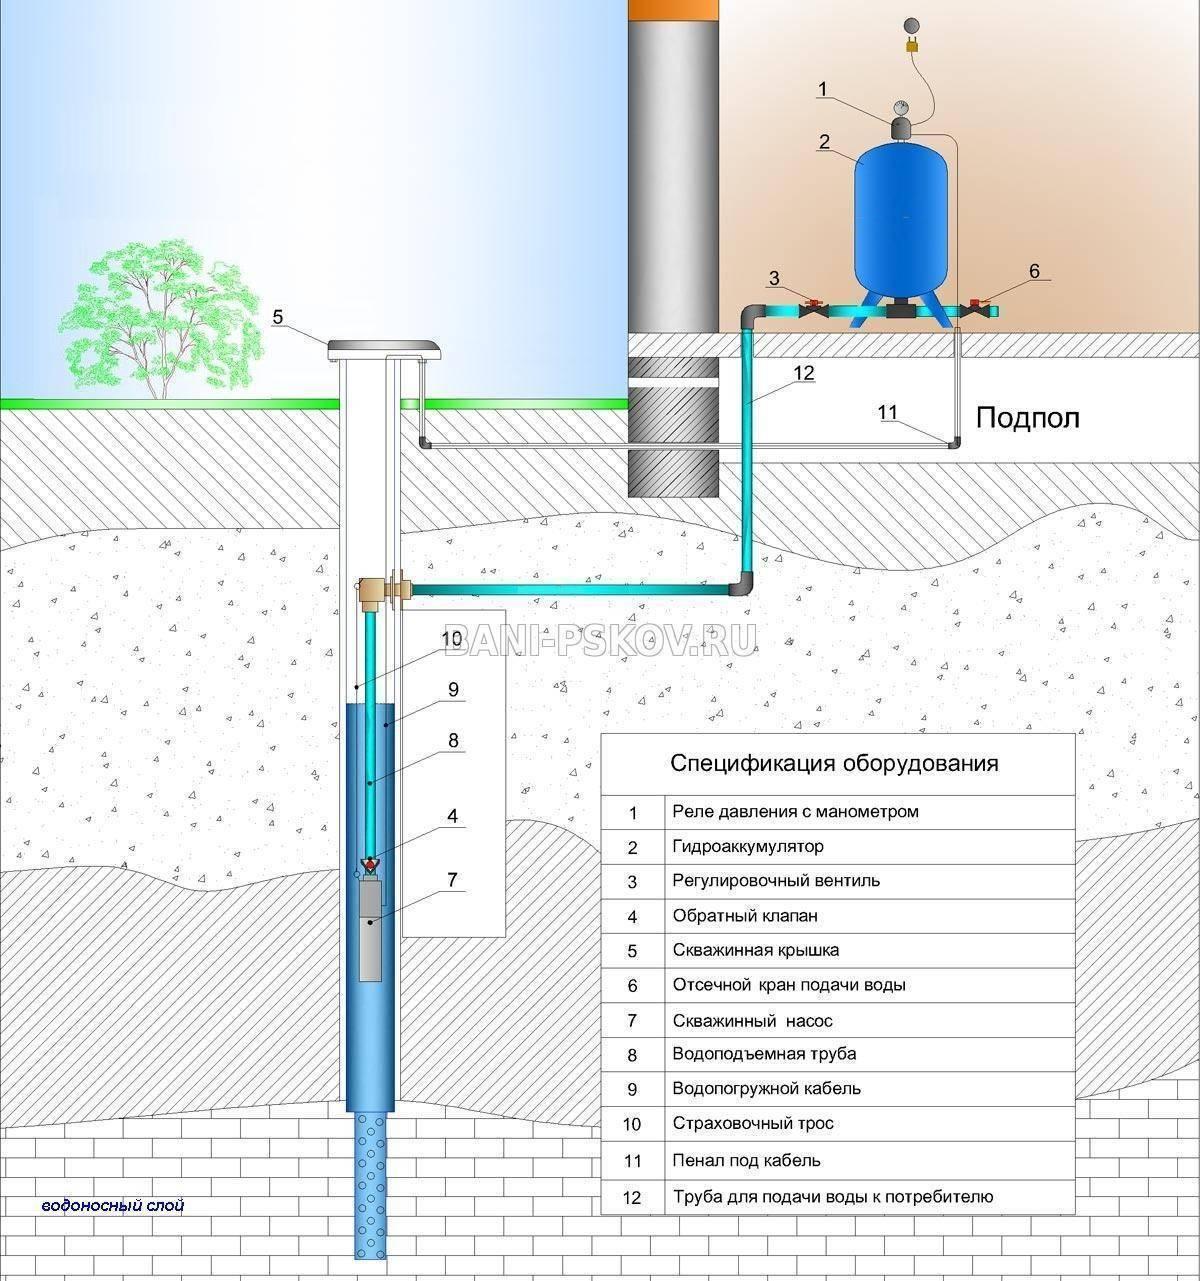 Оборудование для скважины под воду: комплектующие, как выбрать, монтаж, цены